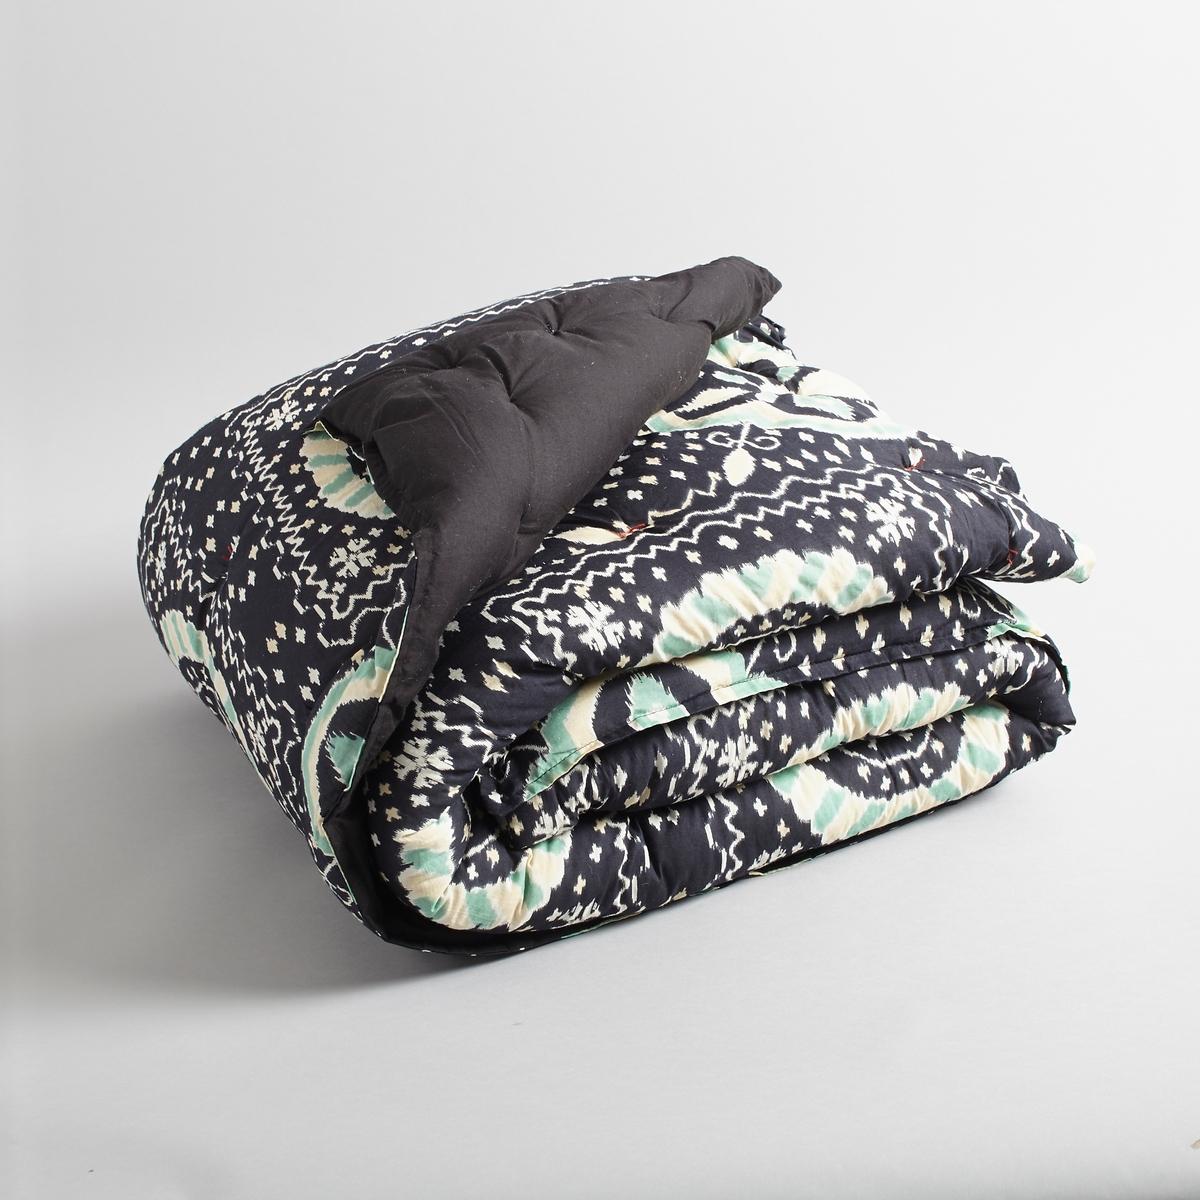 Одеяло стёганое pakytaСтёганое одеяло с принтом, изысканный роскошный вид.Верх 100 % хлопок. Прошито вручную.Ручная работа.- Наполнитель: 100% полиэстера..Стирка при 30°.<br><br>Цвет: набивной рисунок<br>Размер: 180 x 230  см